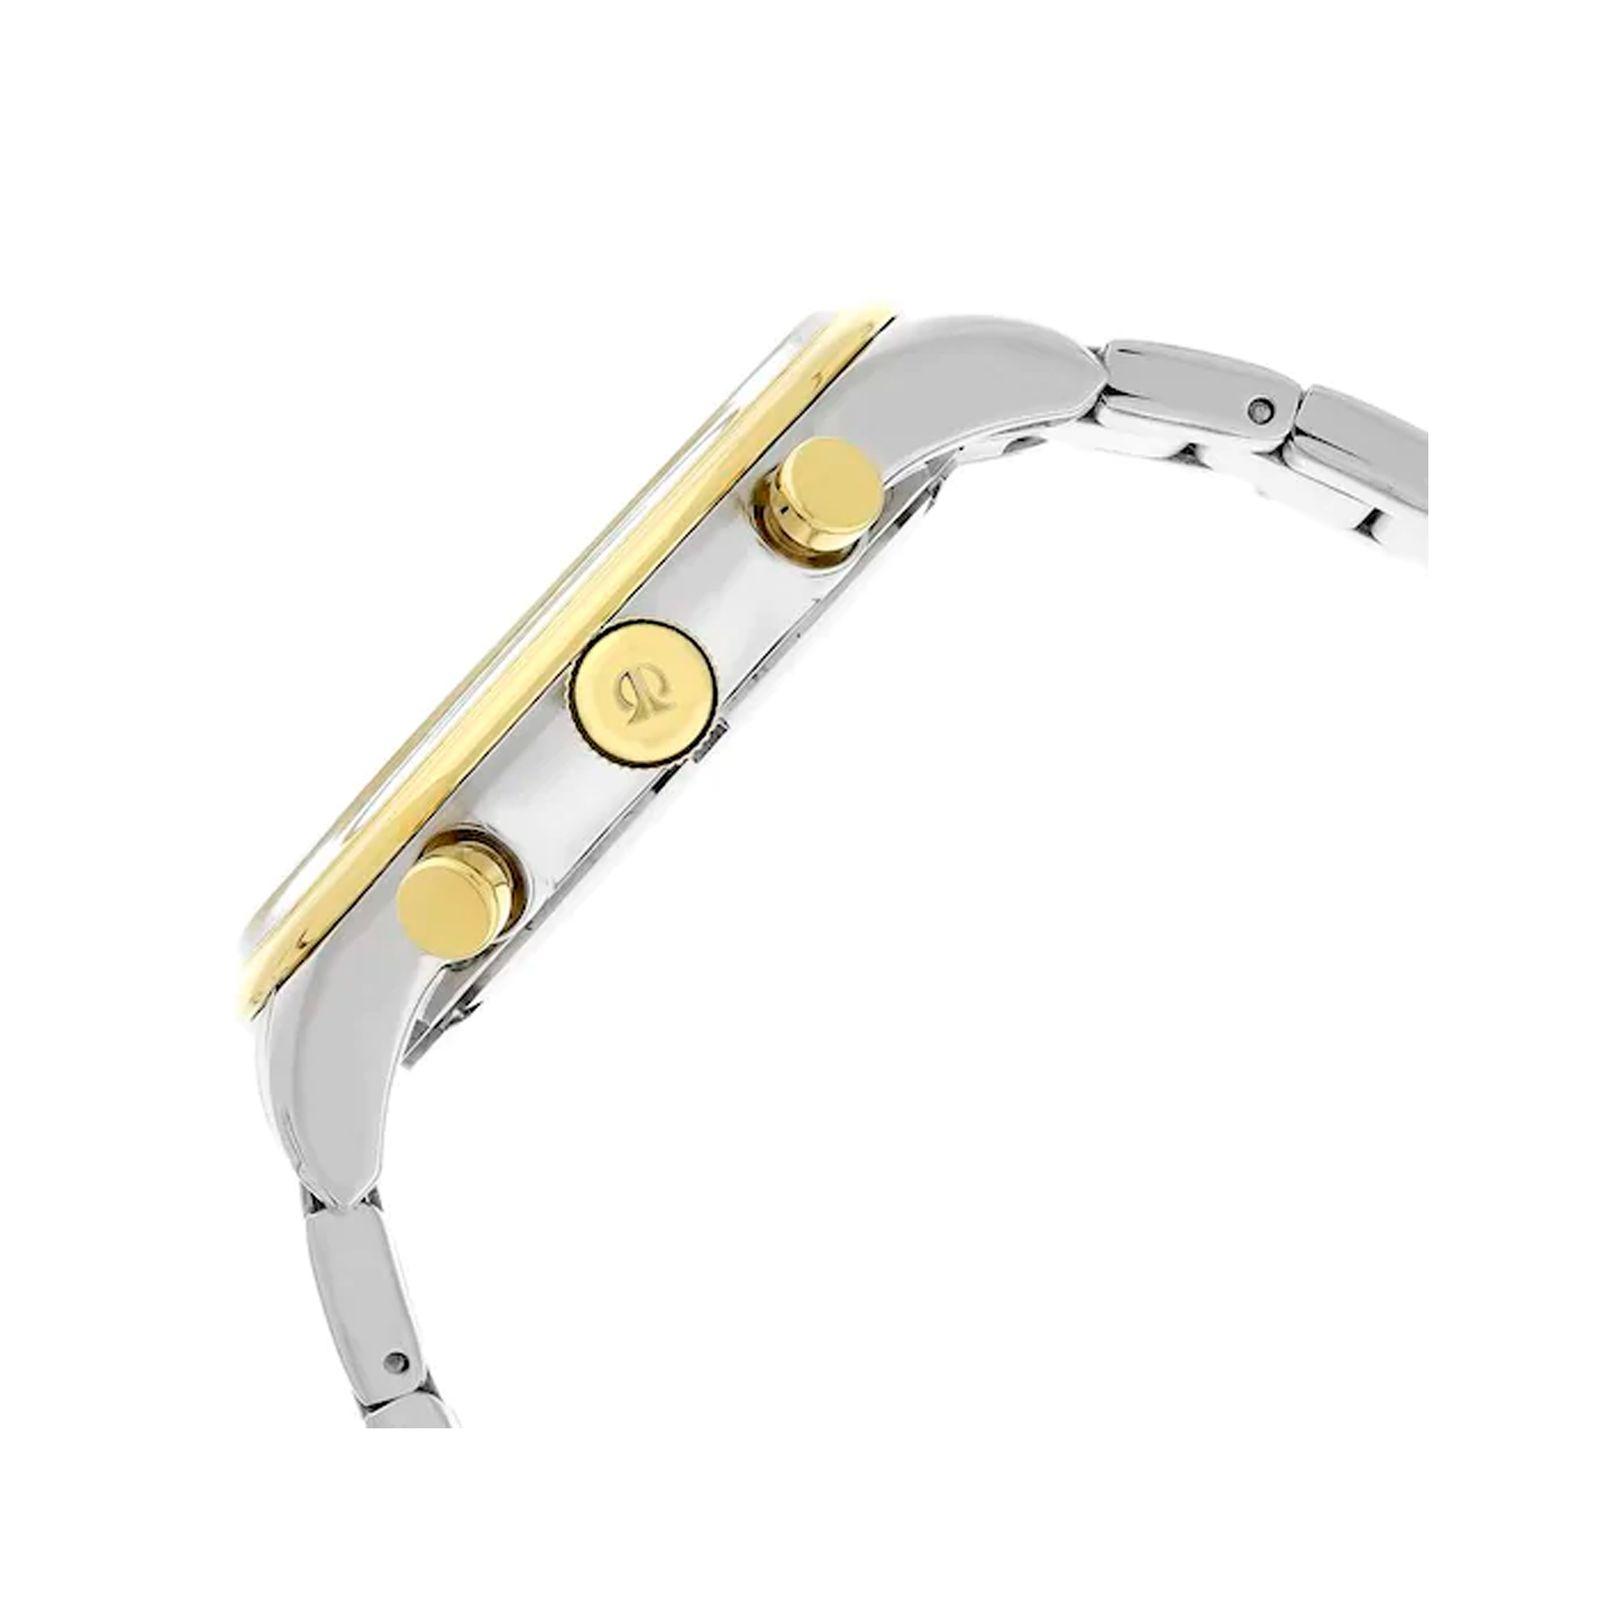 ساعت مچی عقربه ای مردانه تیتان مدل T90102BM01 -  - 5